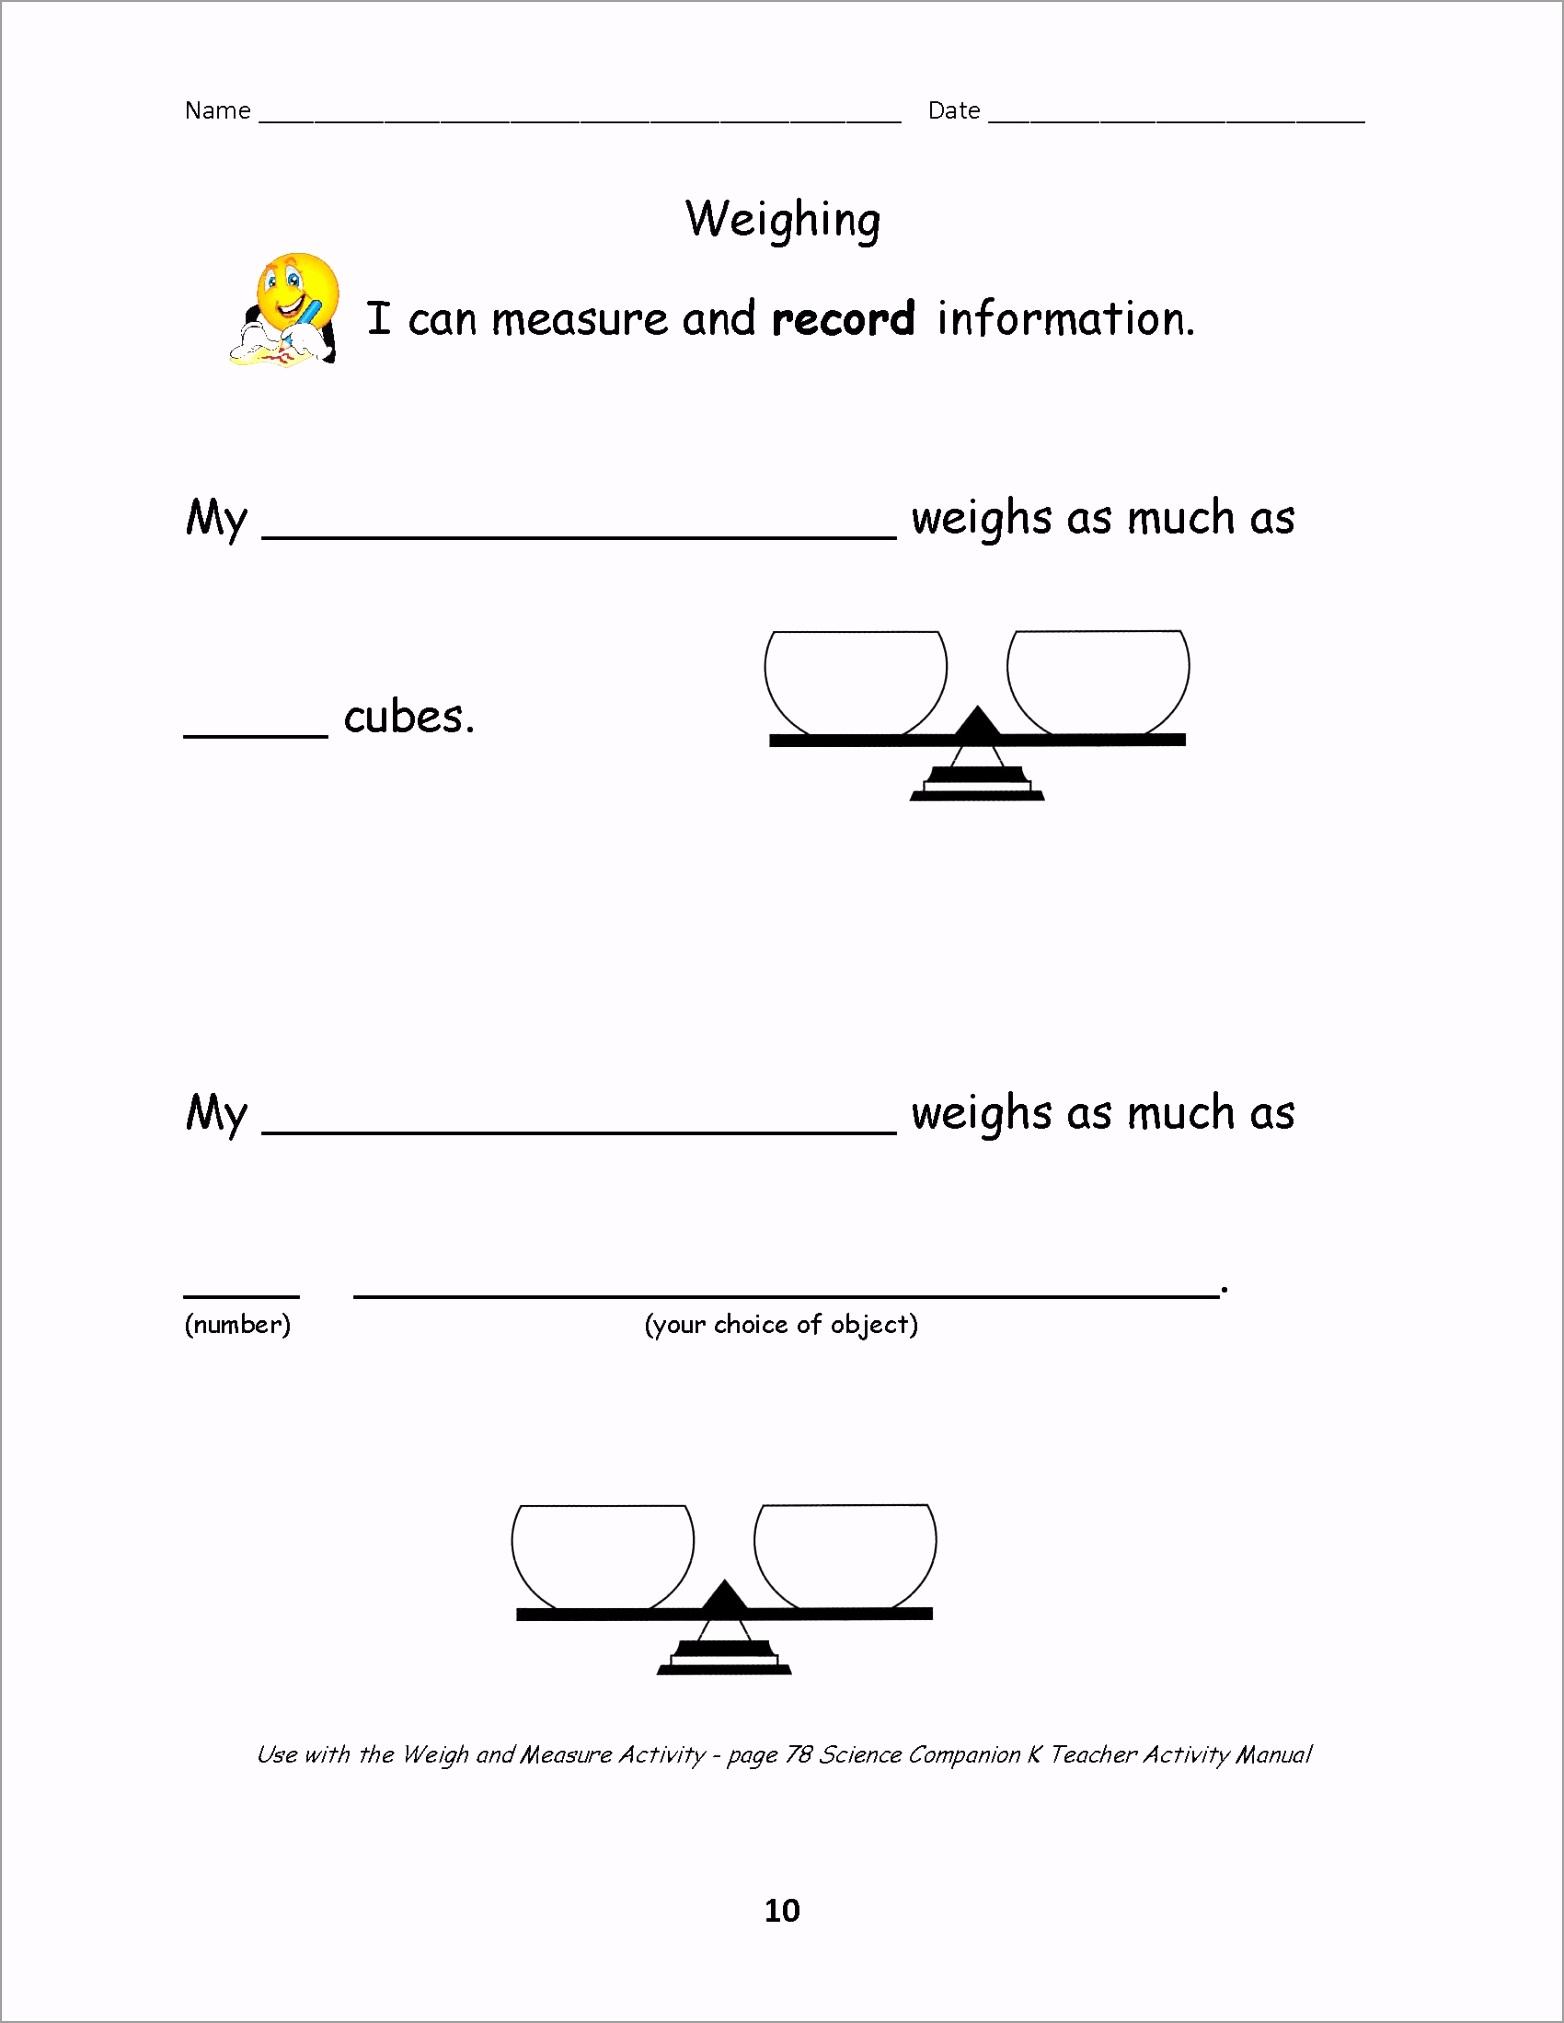 WeighingWorksheet iarue